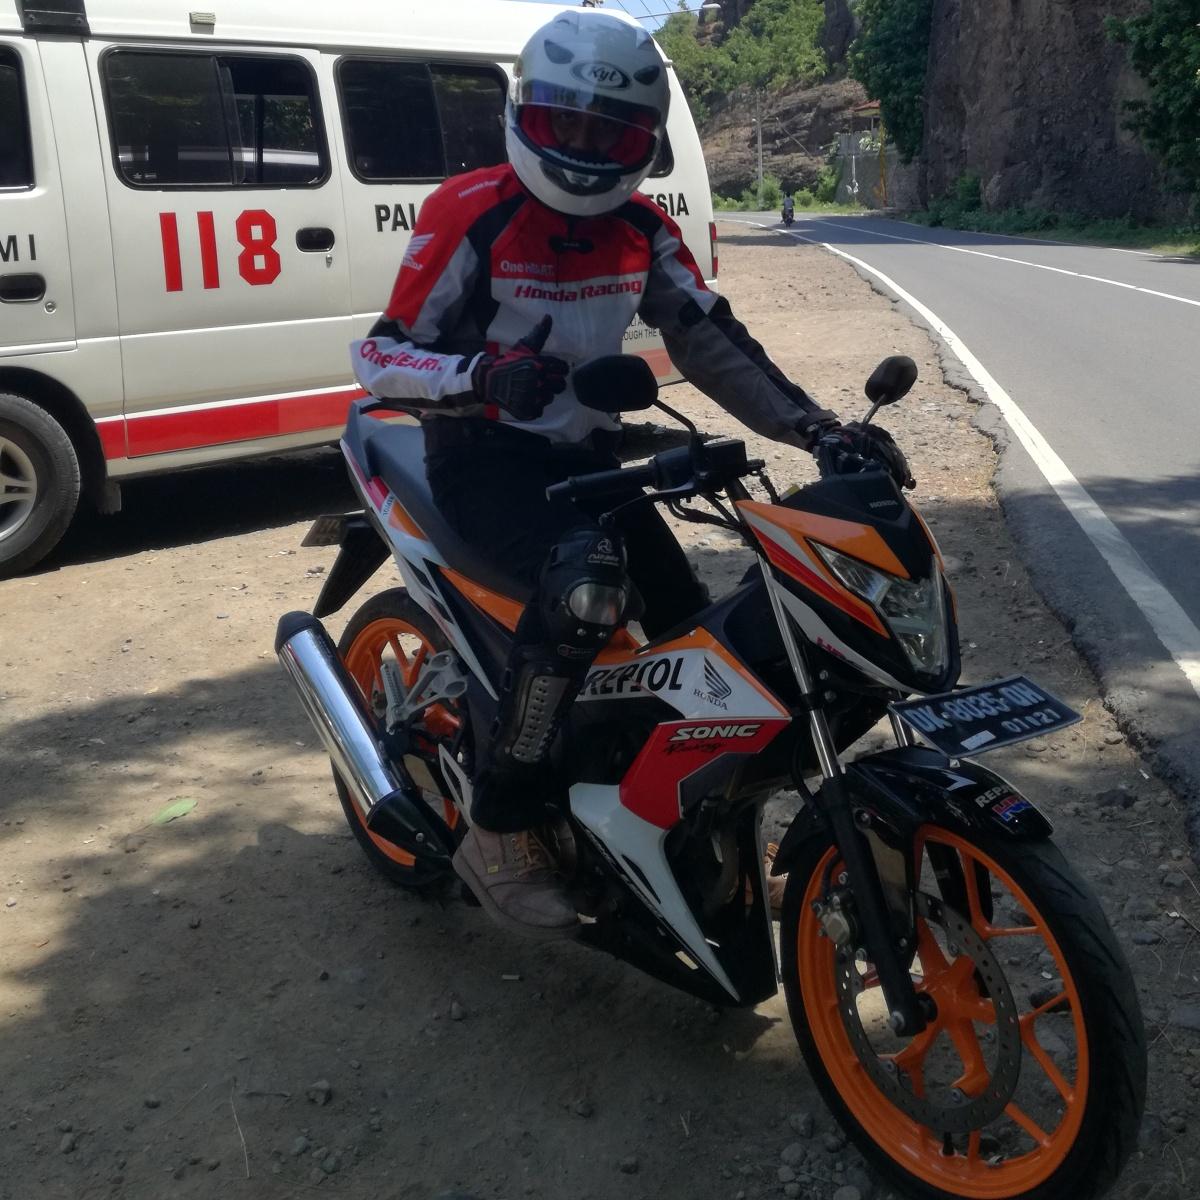 Modifikasi Motor Honda Sonic Terupdate 150r Aggresso Matte Black Boyolali Test Ride Jarak Jauh All New Obat Ganteng Para Remaja